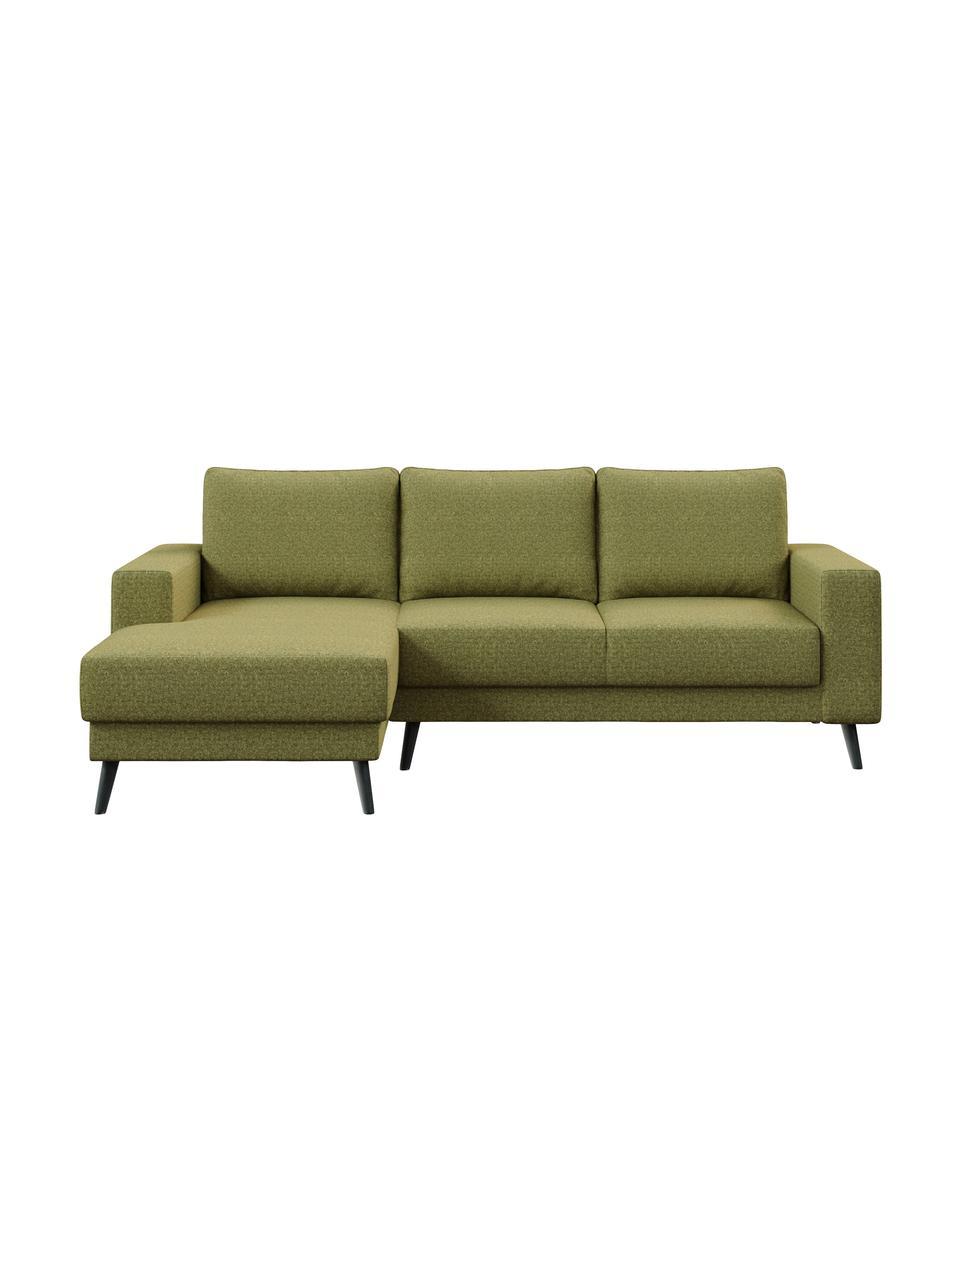 Sofa narożna Fynn, Tapicerka: 100% poliester z uczuciem, Stelaż: drewno liściaste, drewno , Nogi: drewno lakierowane Dzięki, Oliwkowy zielony, S 234 x G 145 cm